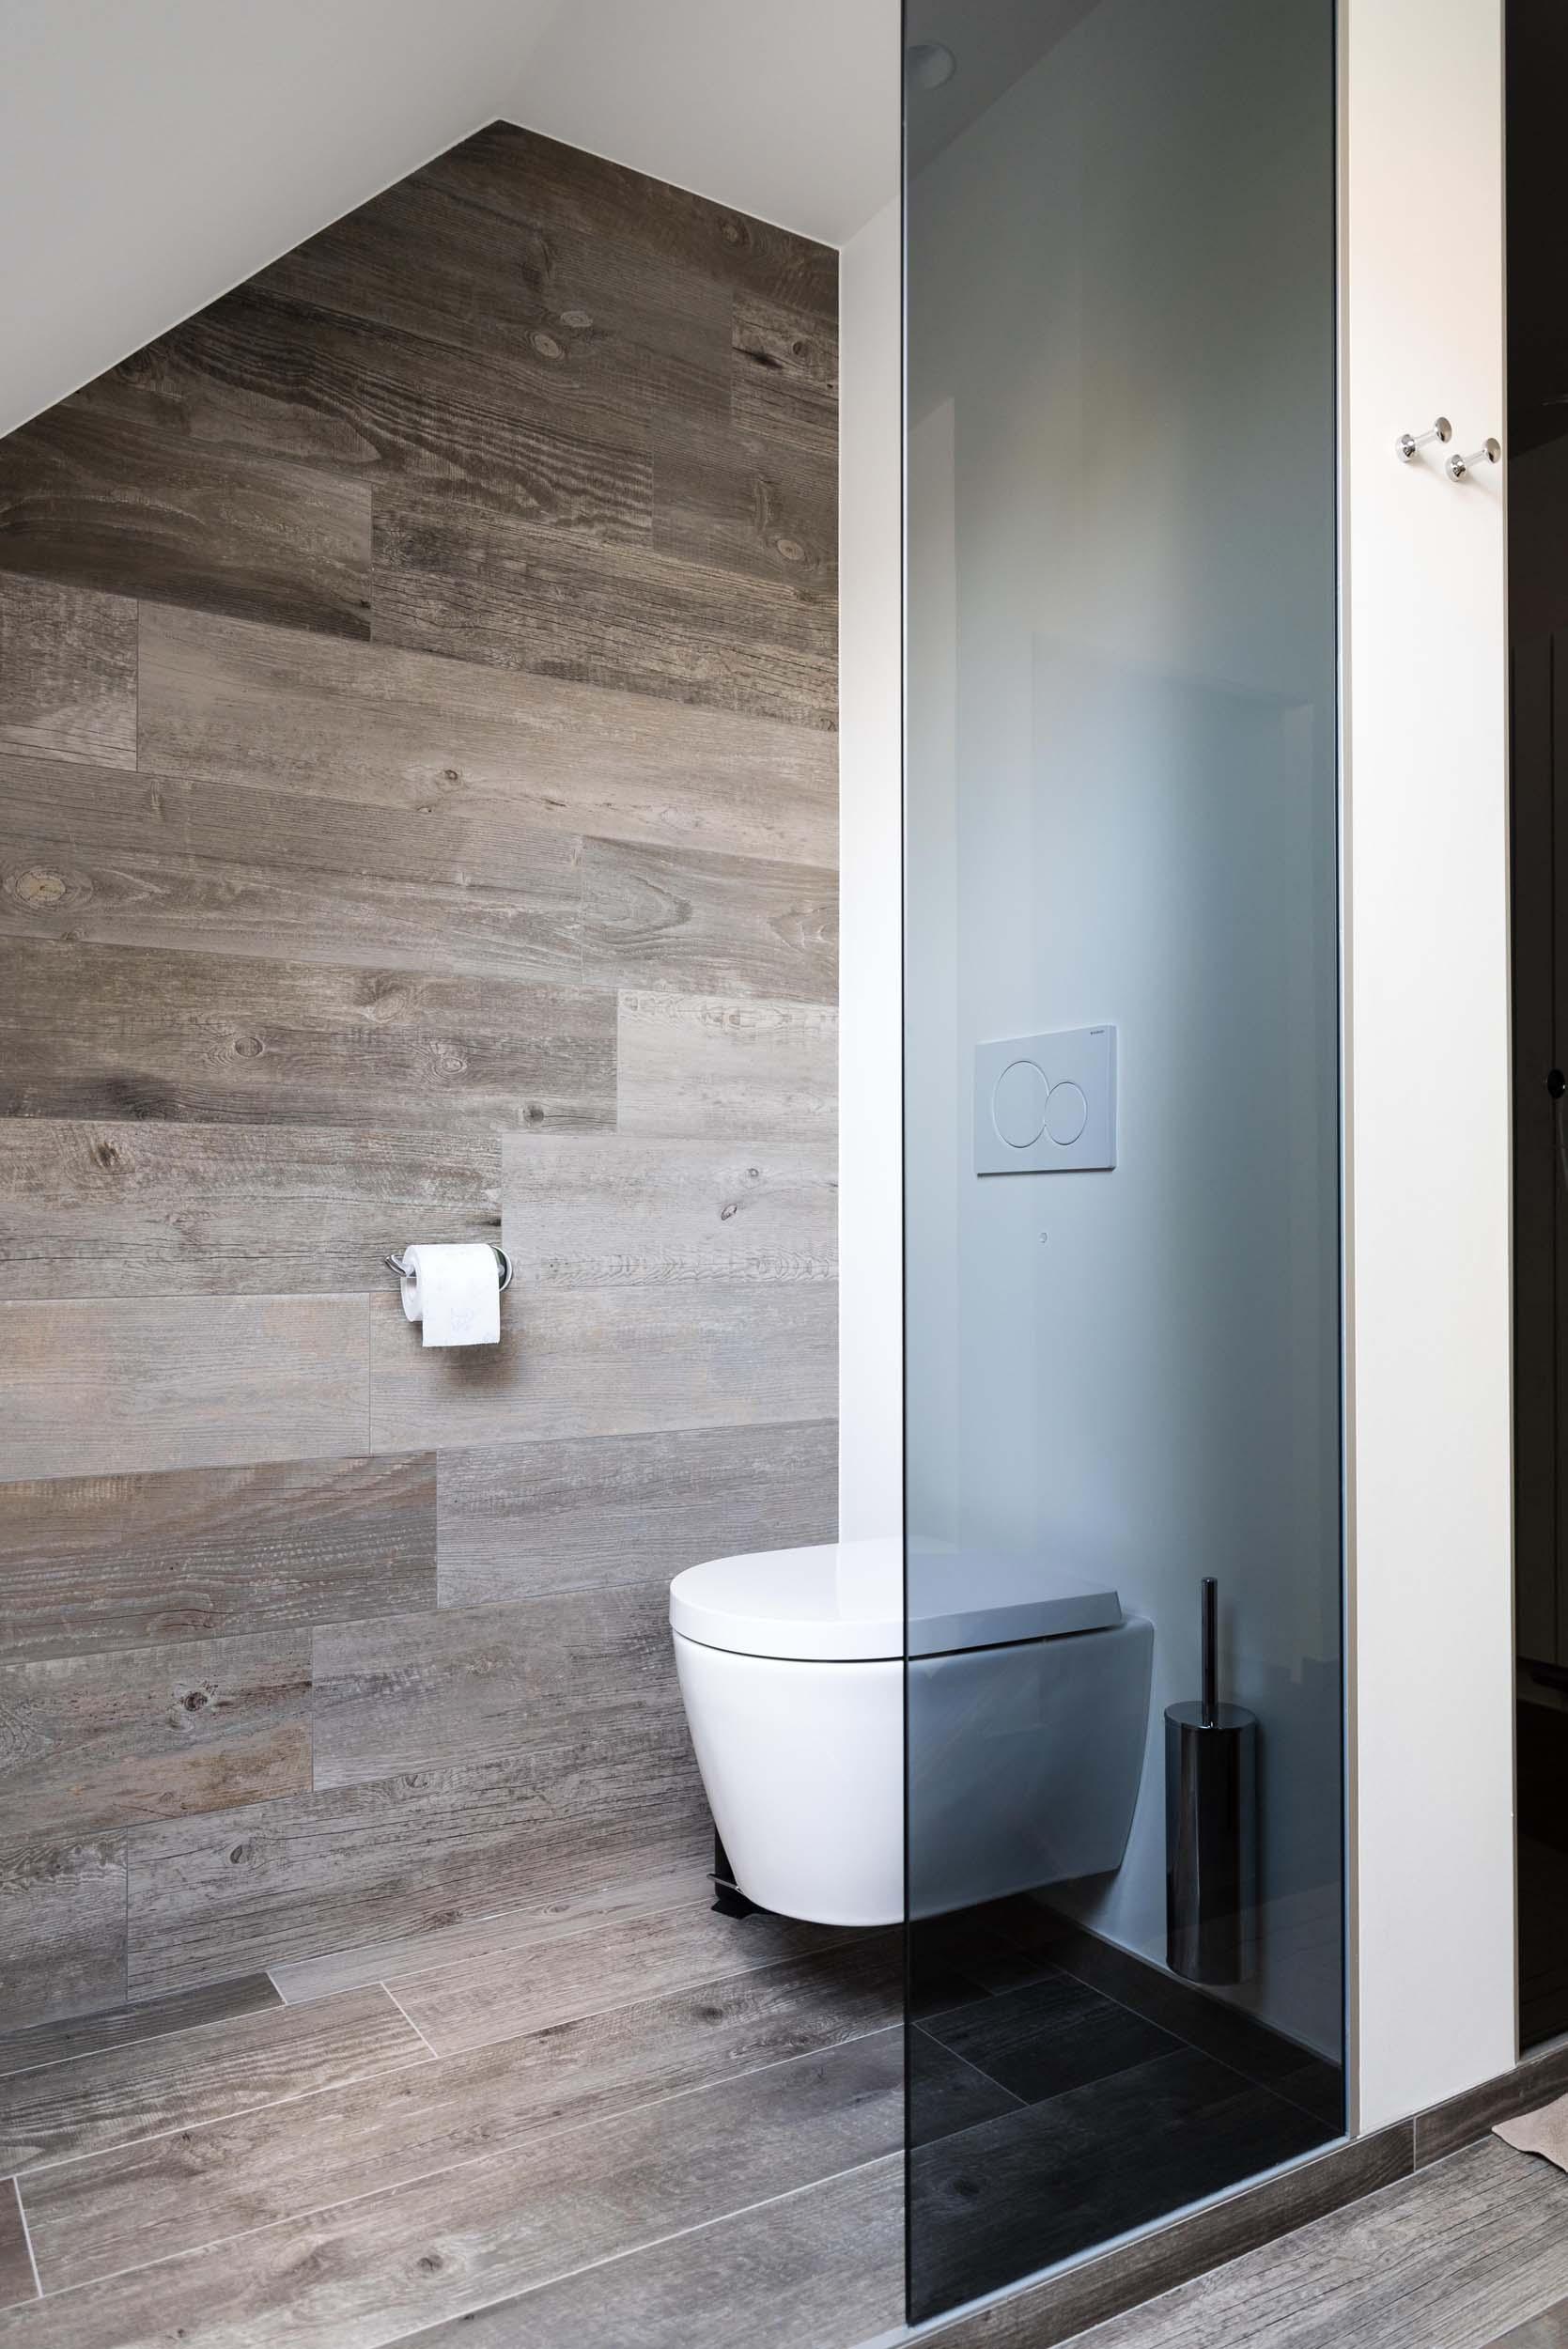 Vanda-projects-interieurinrichting-meubelmakerij-oost-vlaanderen-six-marke-toilet